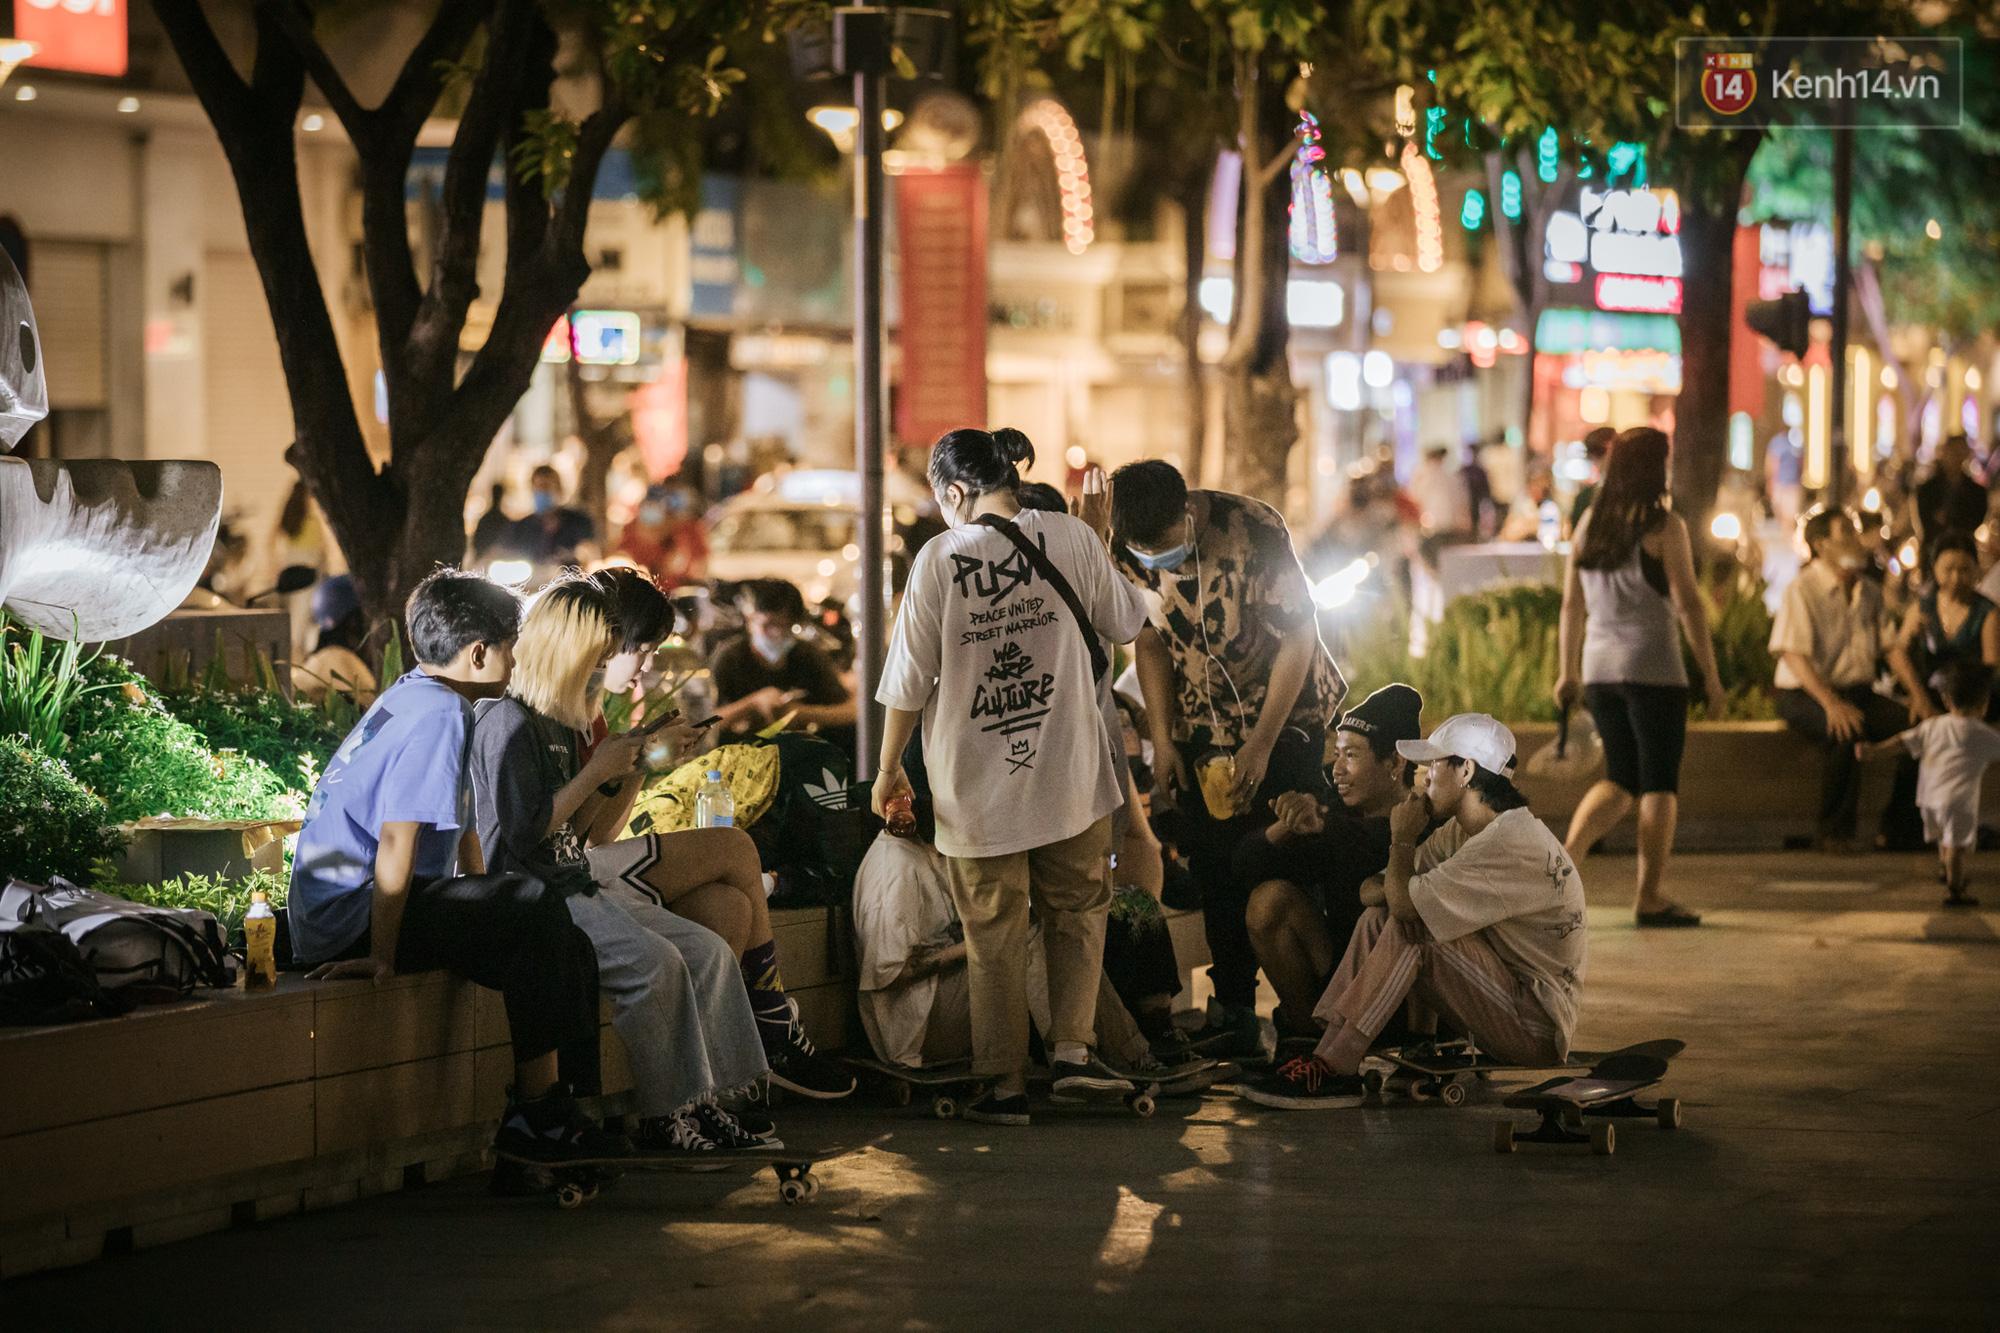 """Sài Gòn nhộn nhịp trong buổi tối nghỉ lễ đầu tiên: Khu vực trung tâm dần trở nên đông đúc, nhiều người lo sợ vẫn kè kè"""" chiếc khẩu trang bên mình-6"""